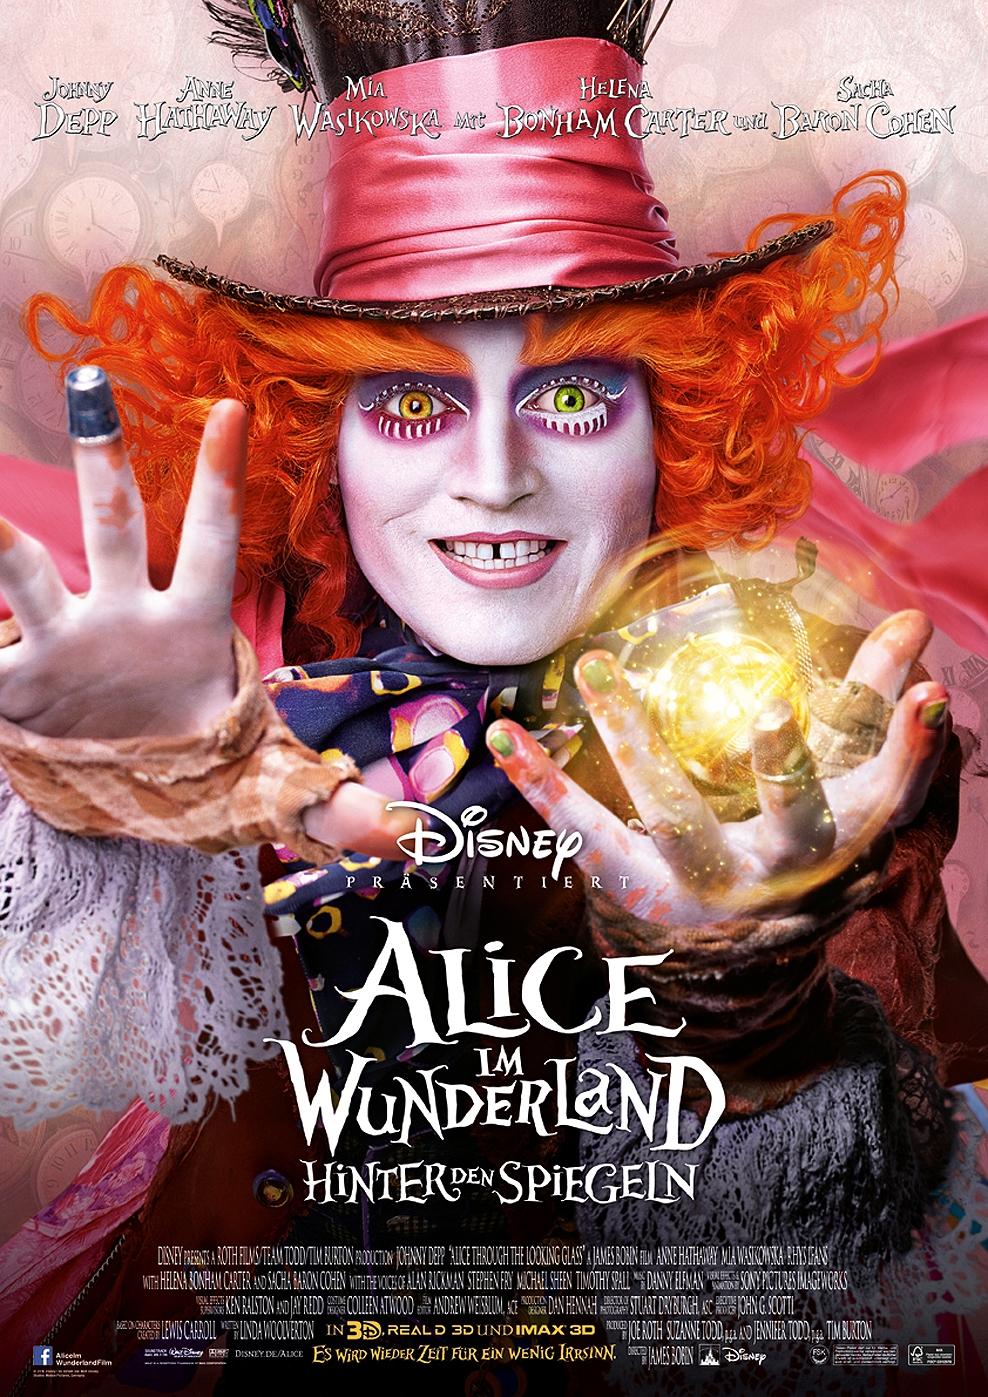 Alice im Wunderland: Hinter den Spiegeln (Poster)